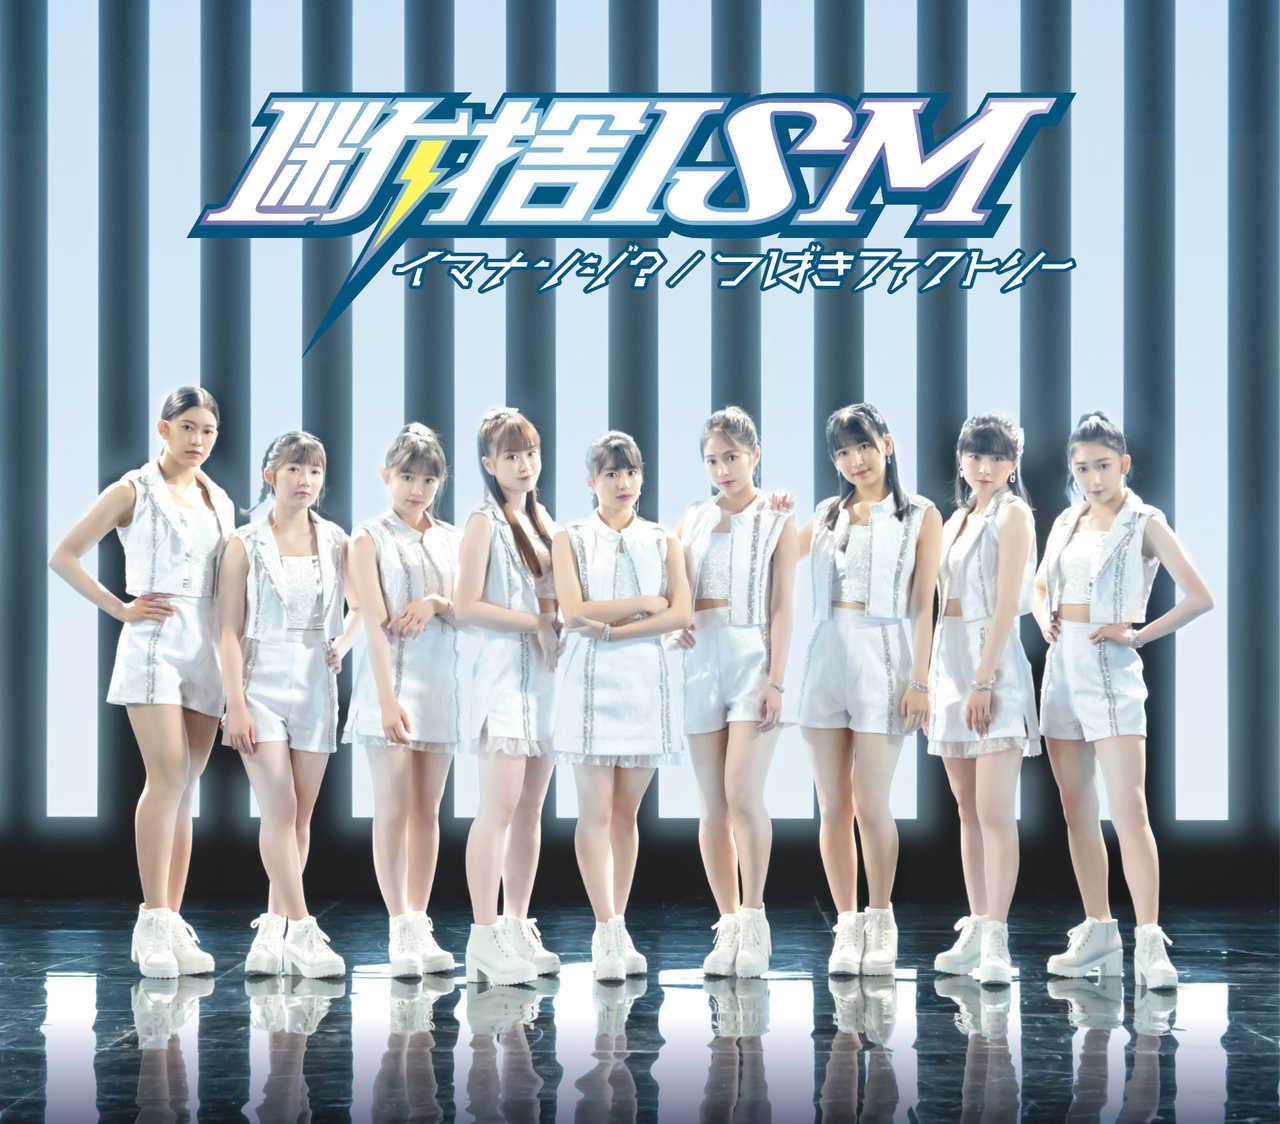 シングル「断捨ISM/イマナンジ?」【通常盤A】(CD)